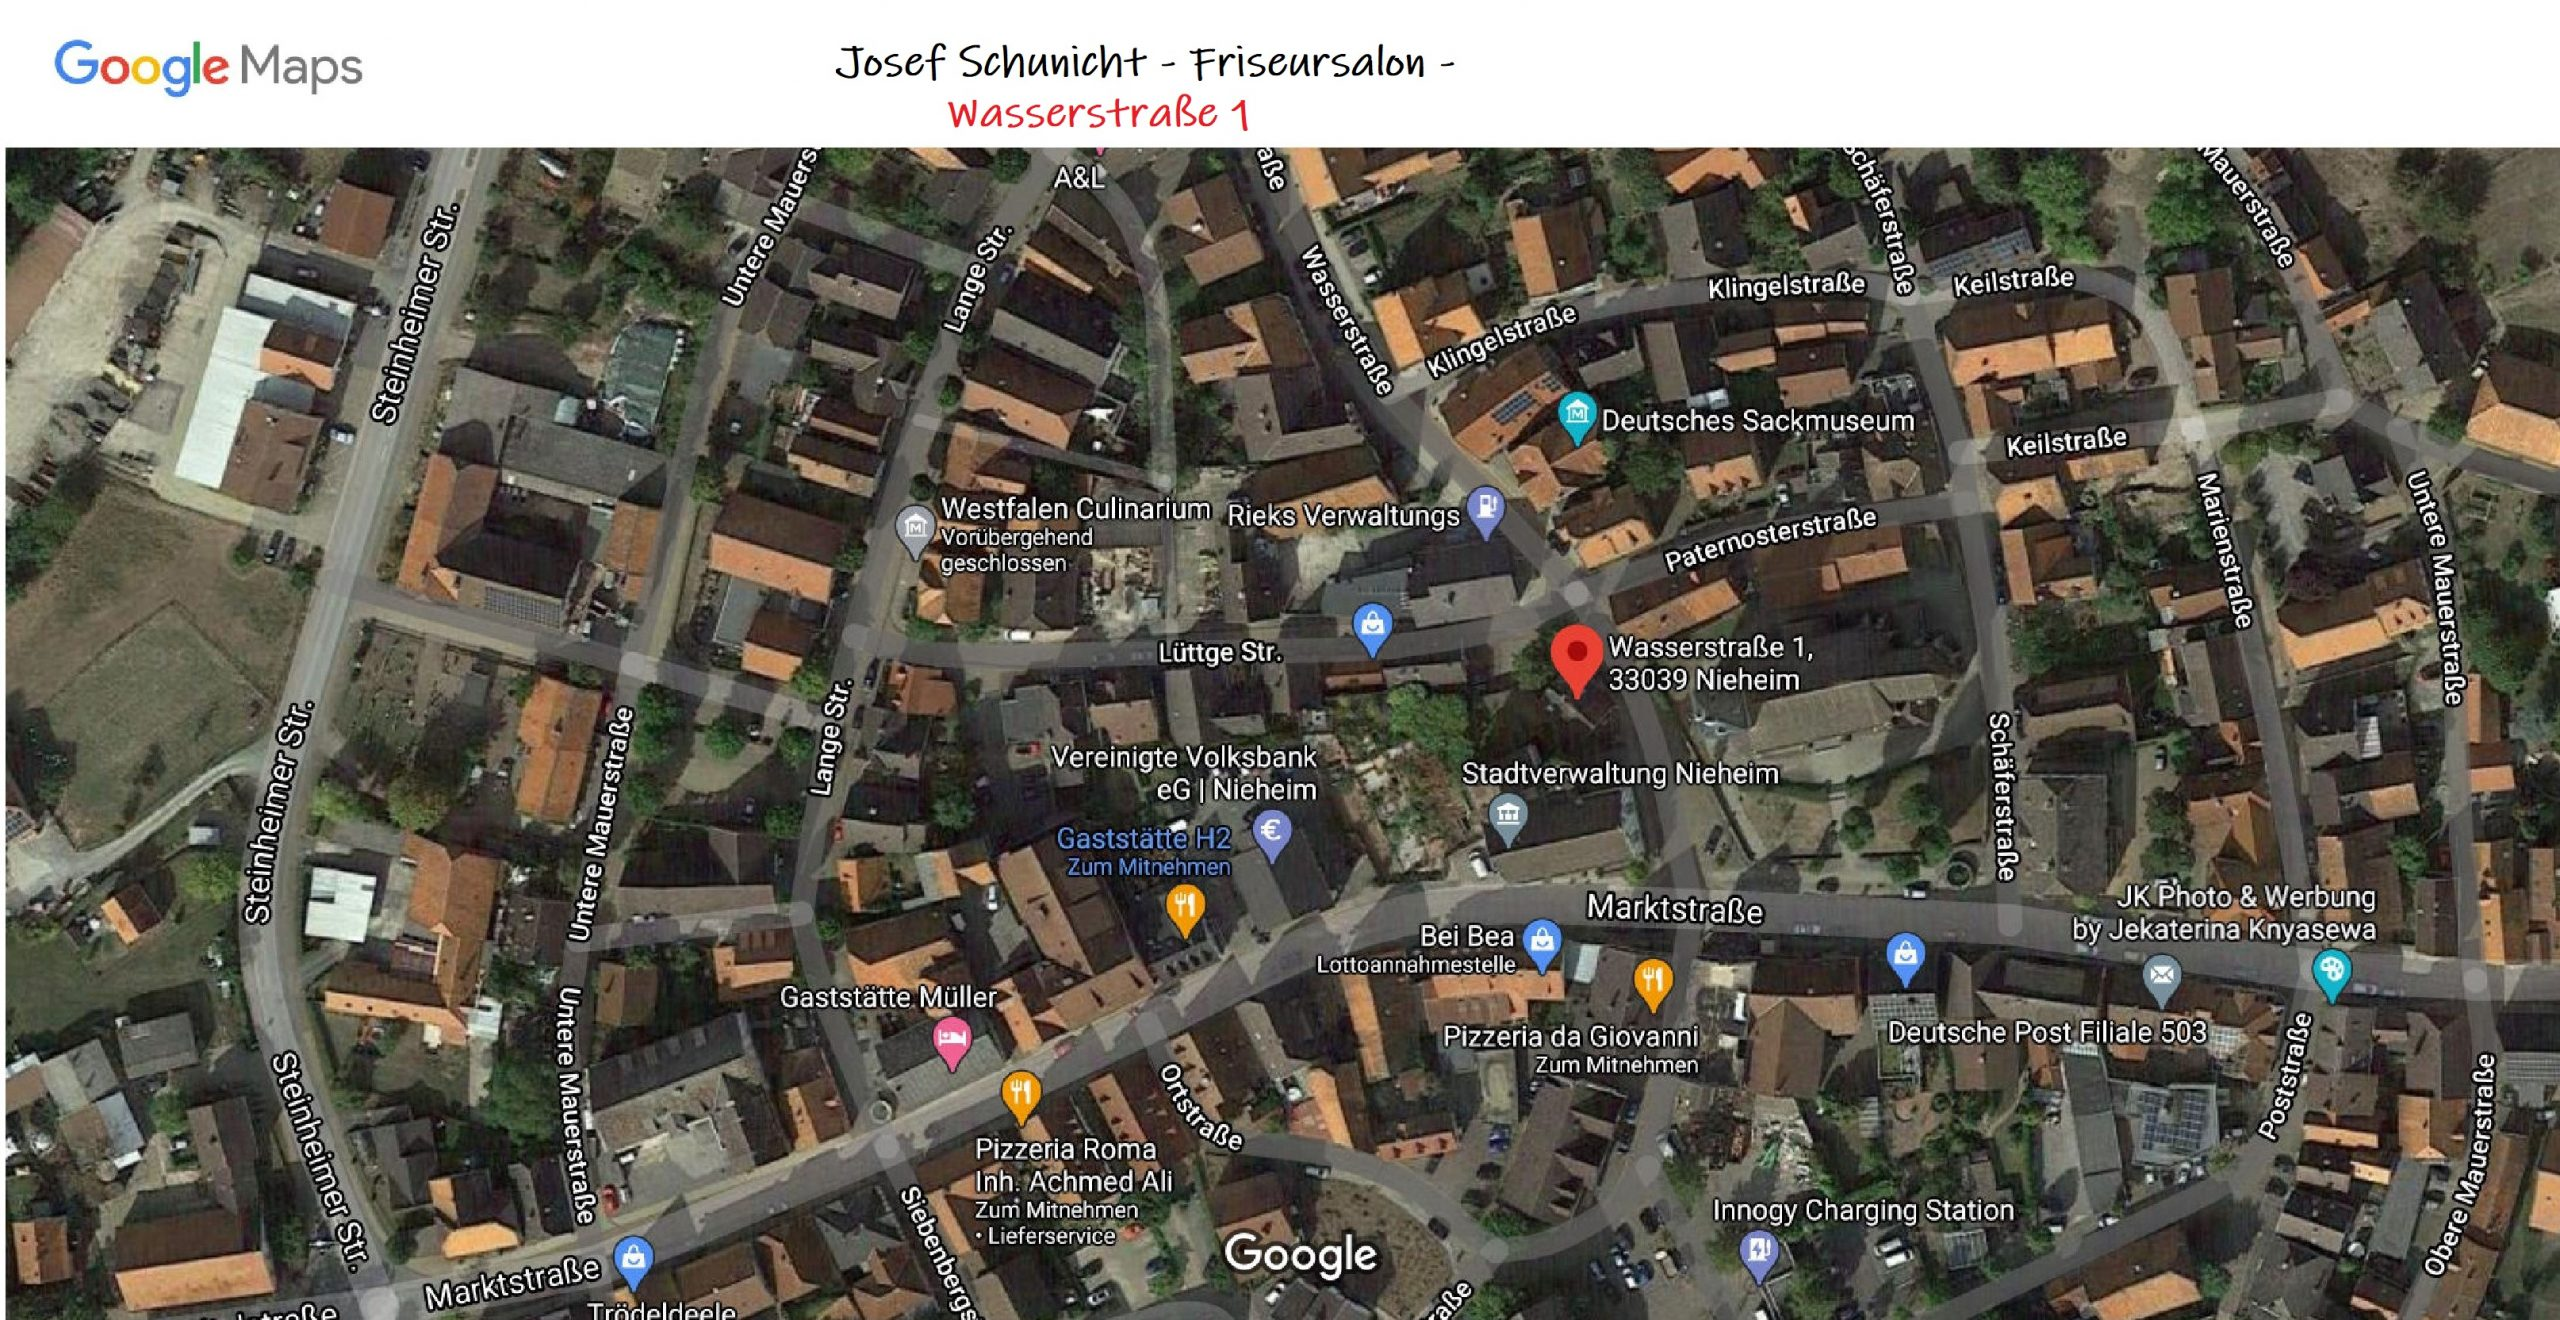 Wasserstraße 1 - Google Maps_1